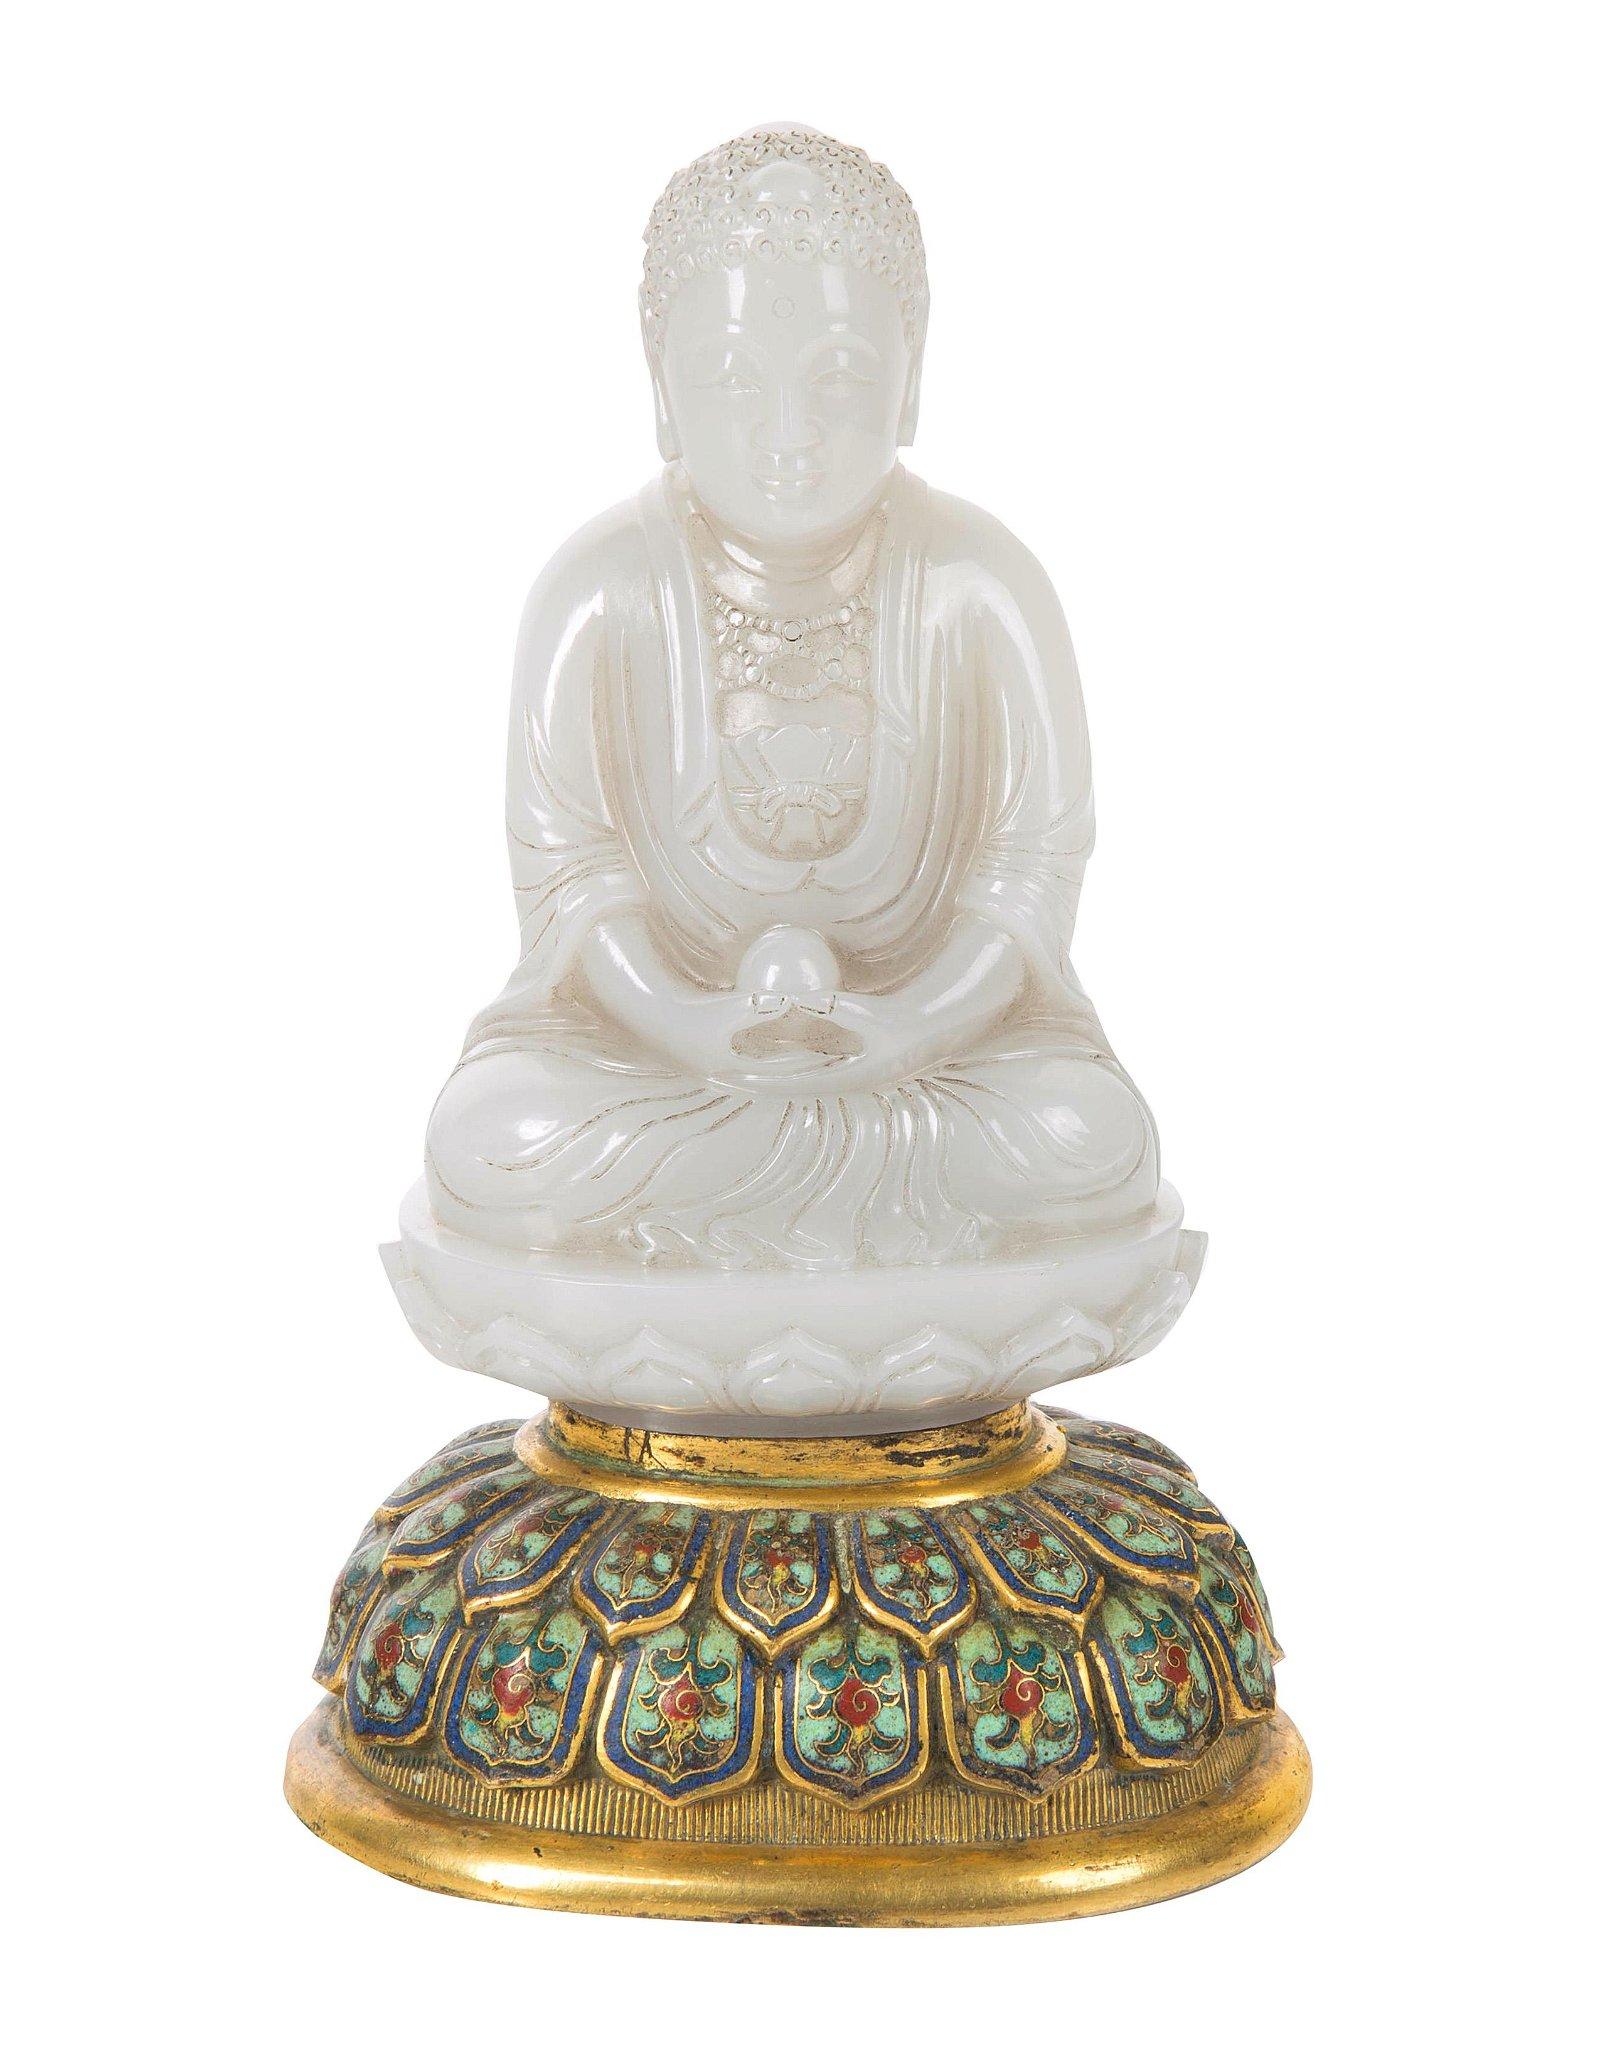 A CHINESE WHITE JADE FIGURE OF BUDDHA SHAKYAMUNI WITH